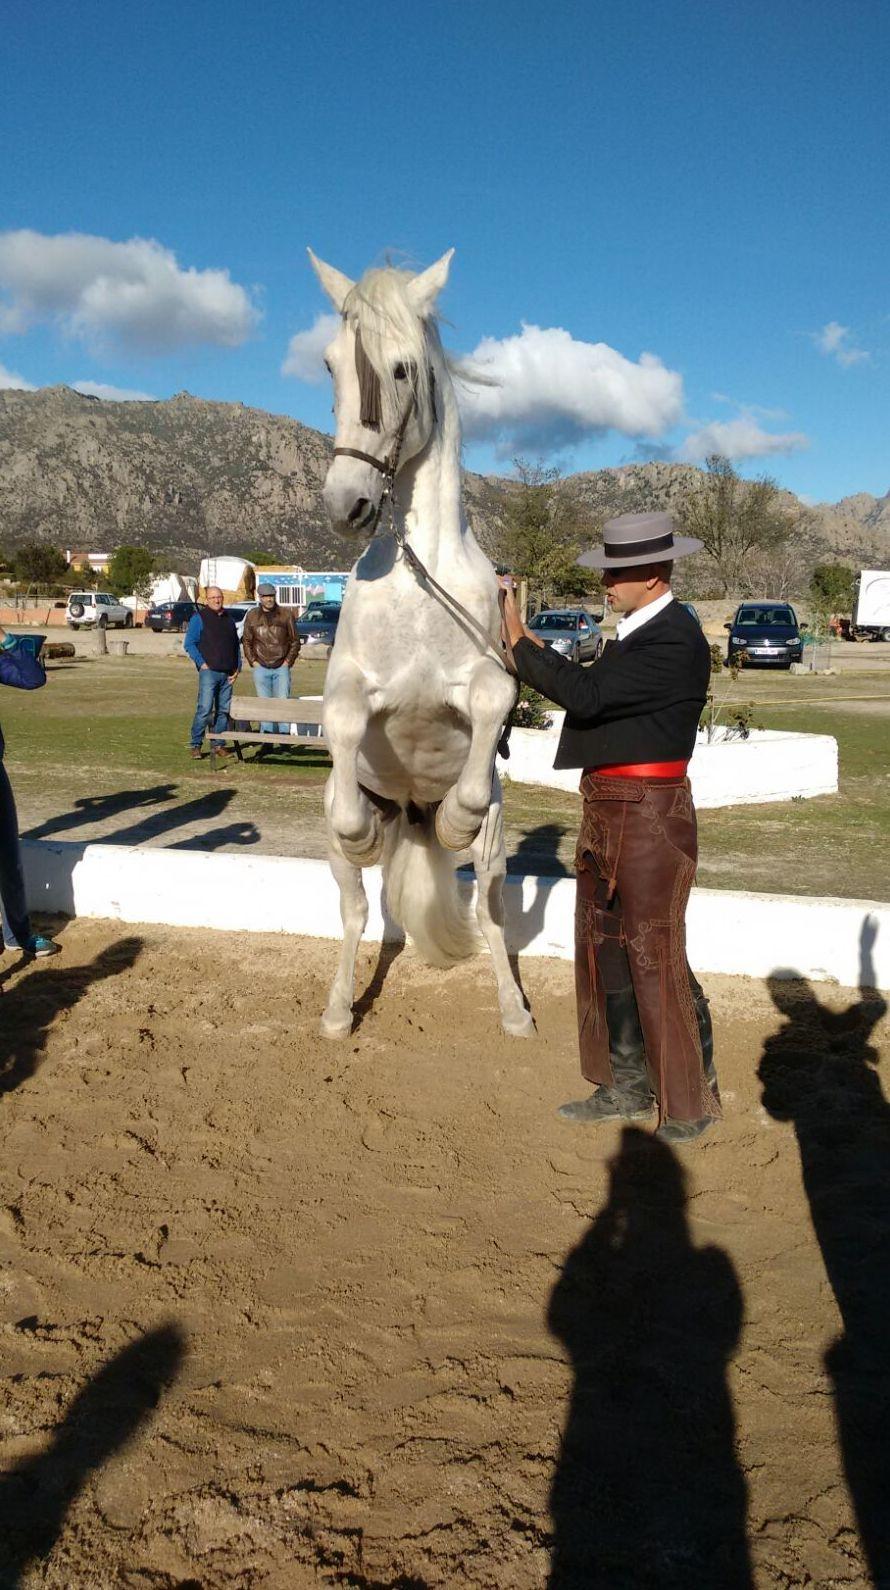 Foto 22 de Club hípico con servicio de pupilaje y veterinario en cerceda | Las Nieves Club Hípico